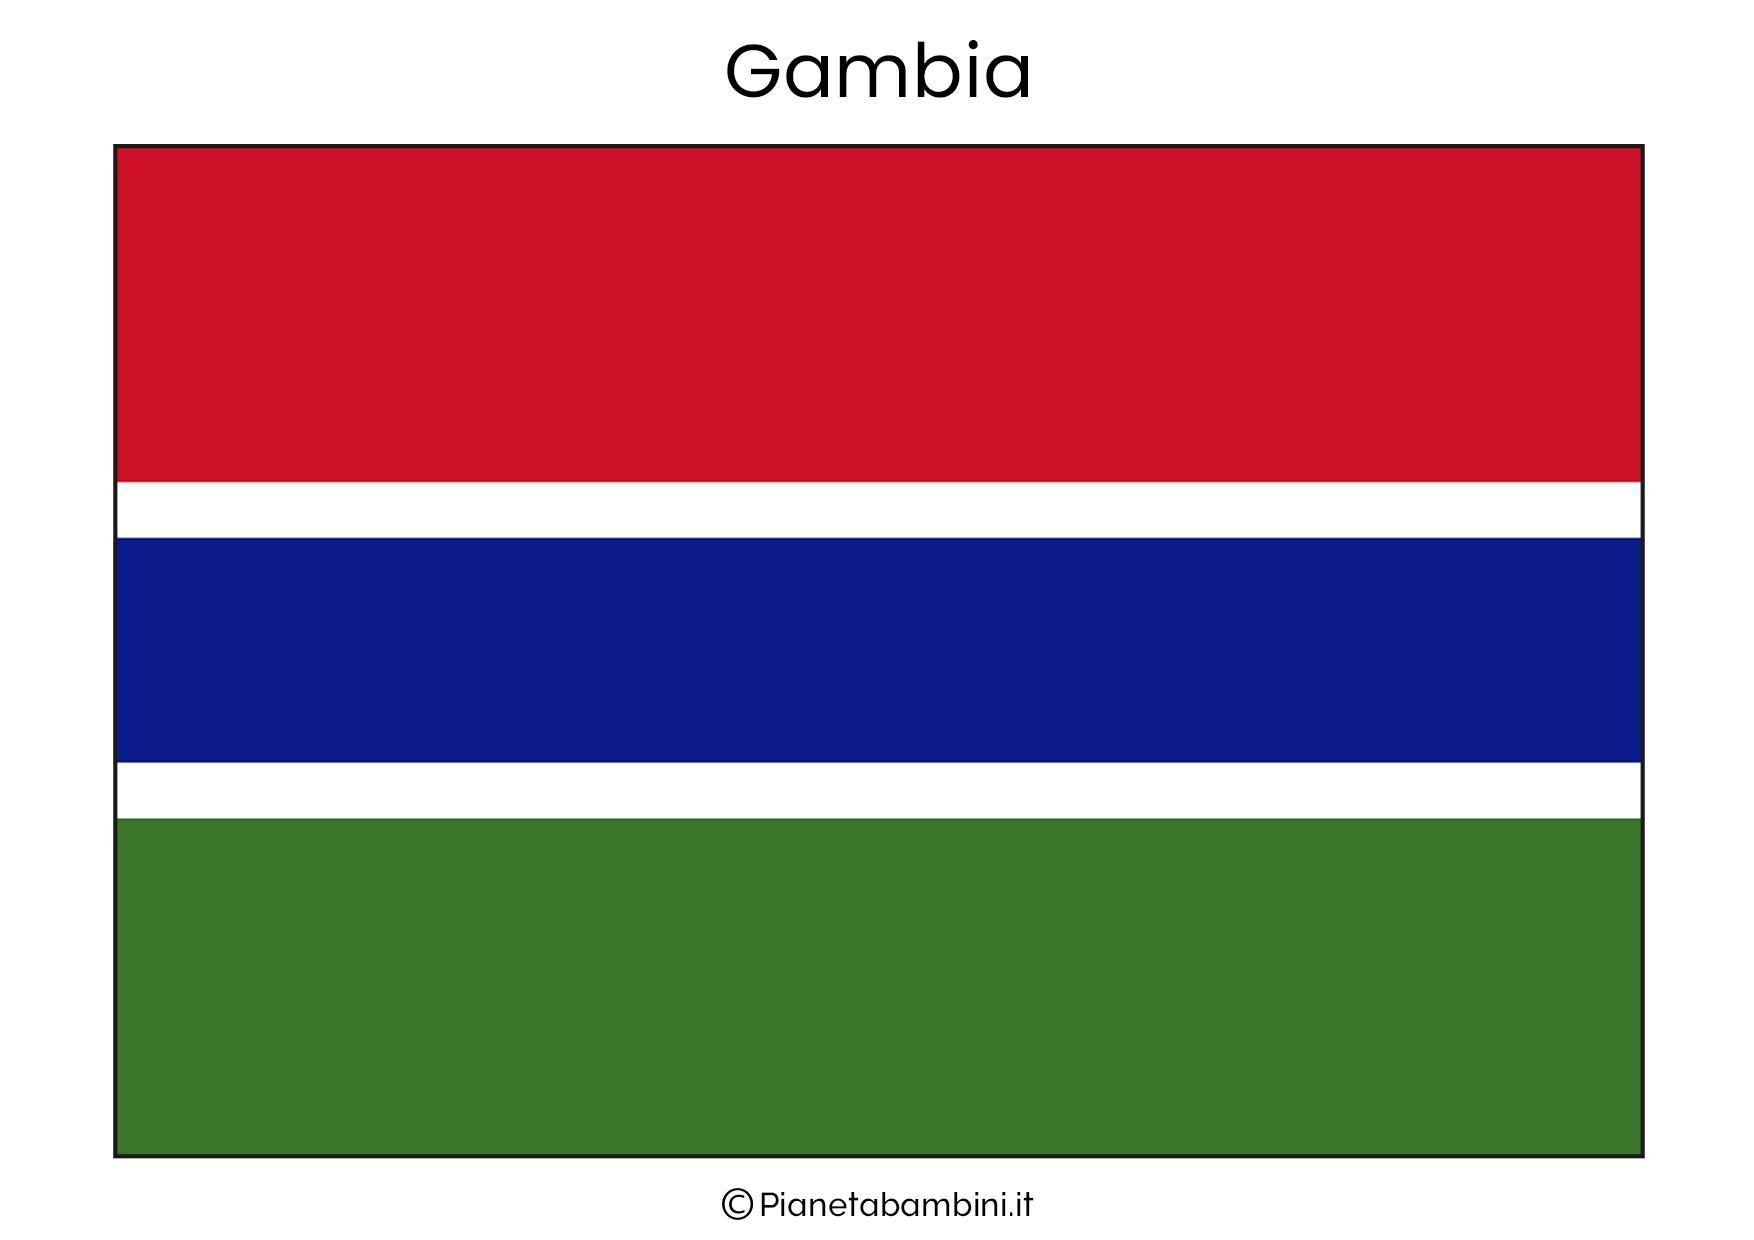 Bandiera del Gambia da stampare